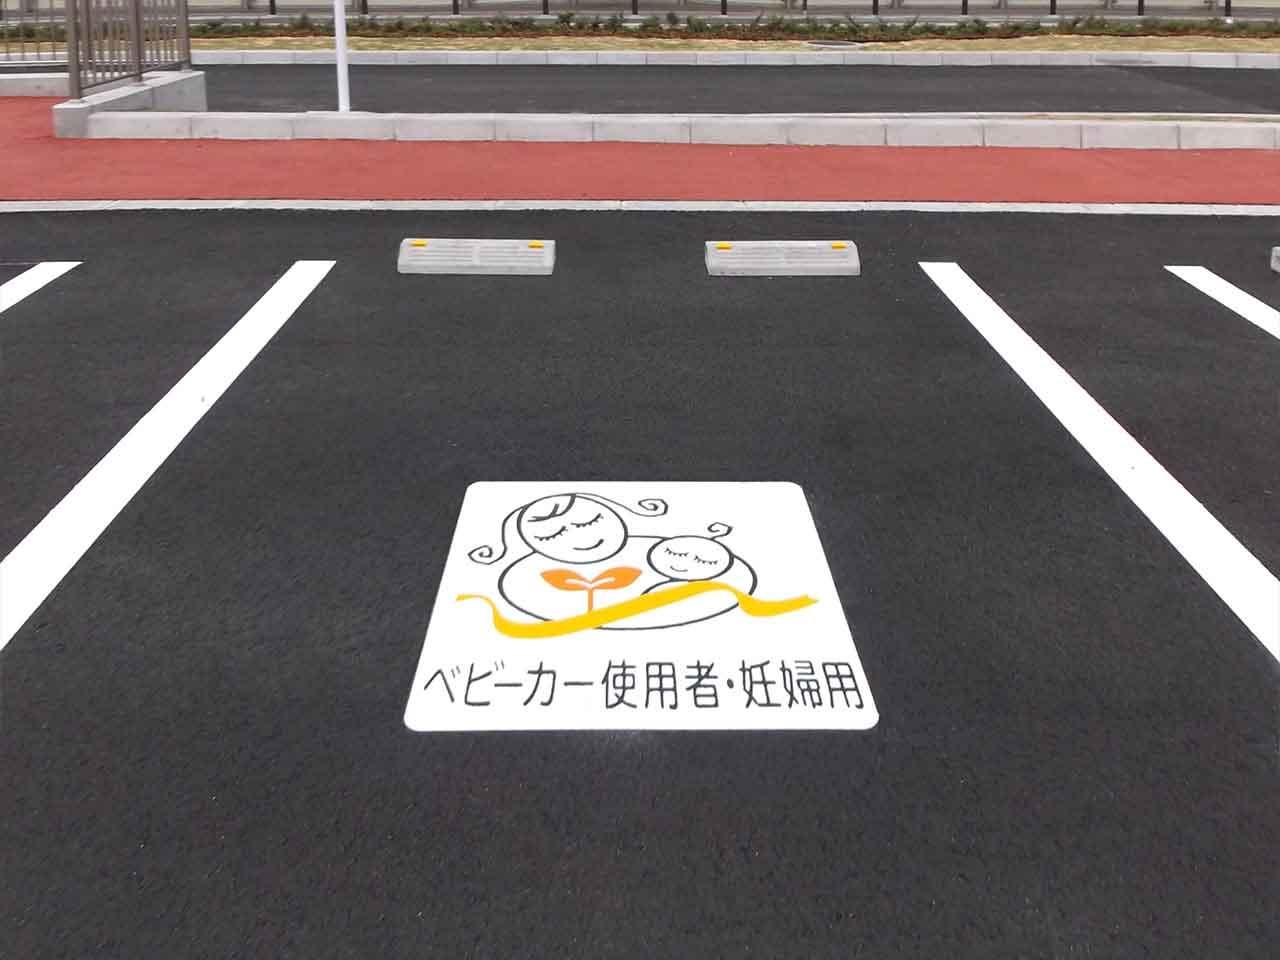 優先駐車マーク 【ベビーカー使用者と妊婦用】